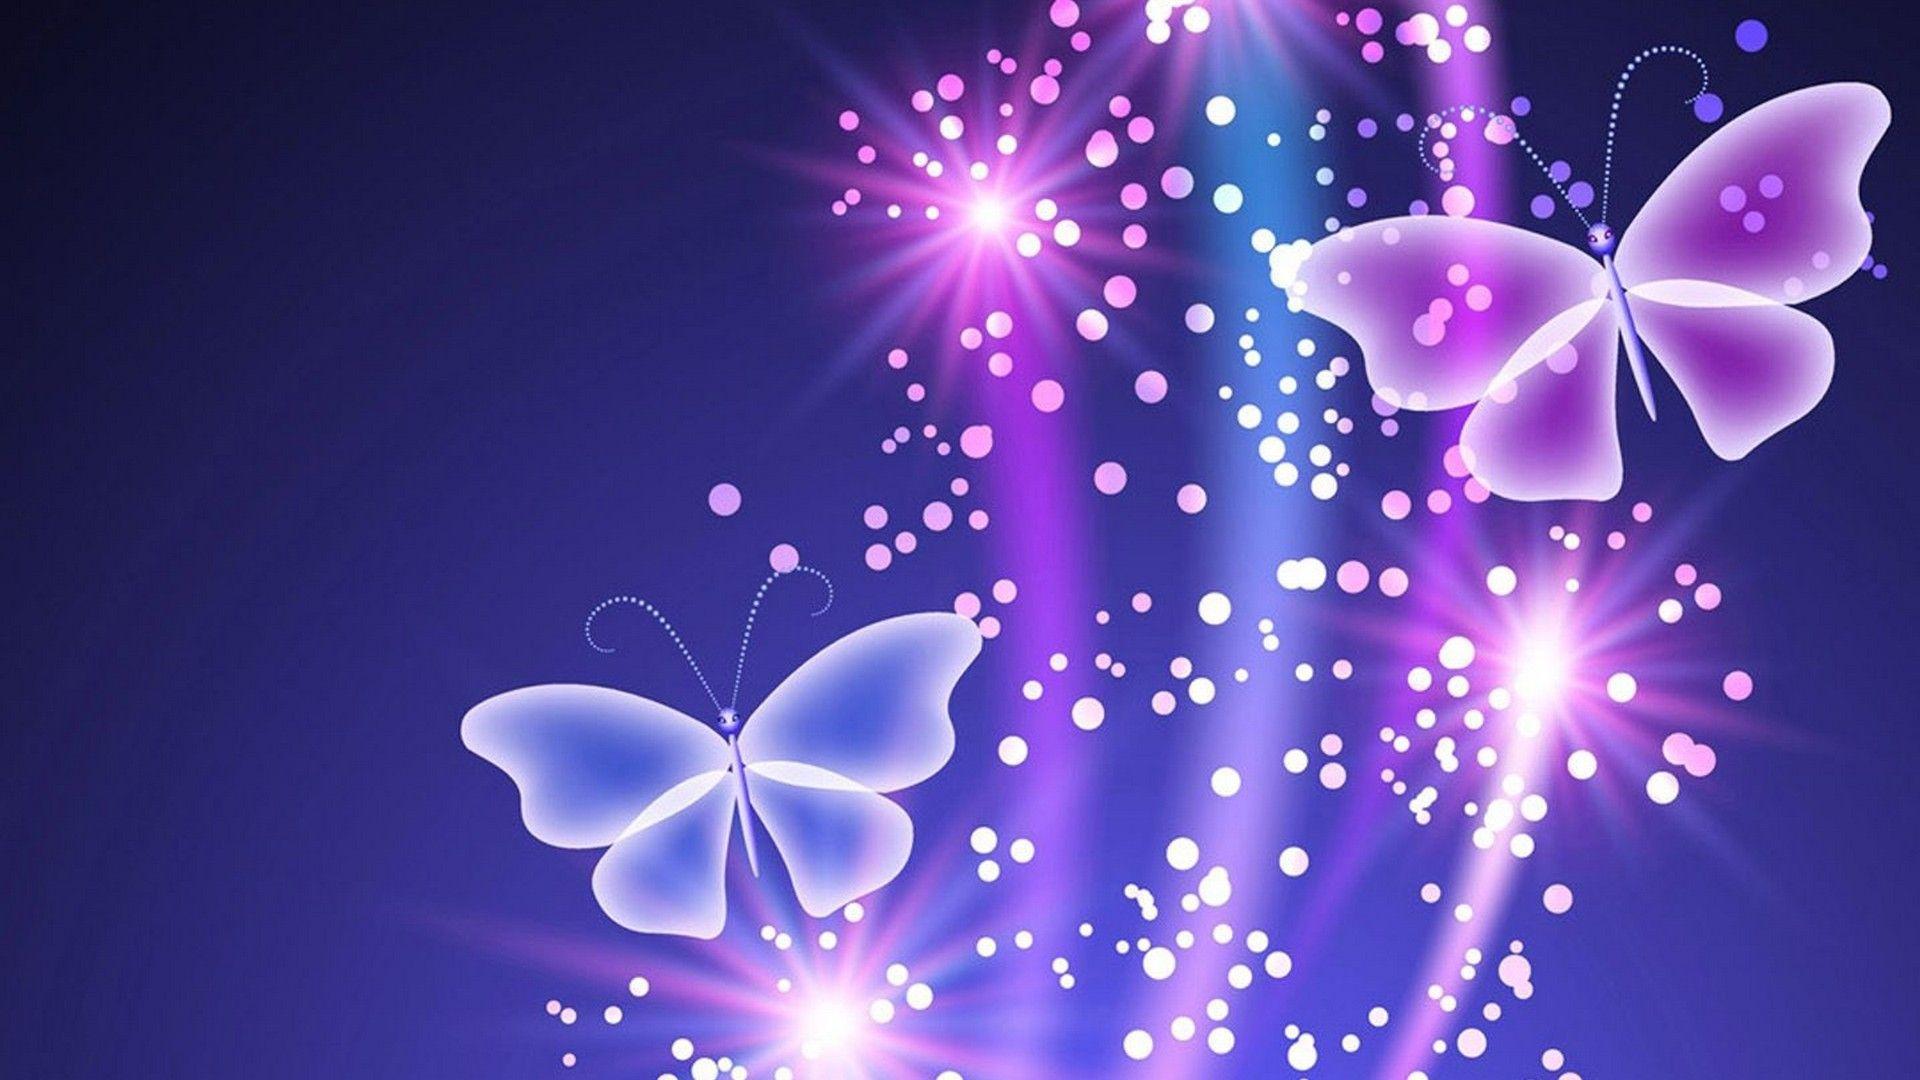 Purple Butterfly HD Backgrounds Butterfly wallpaper